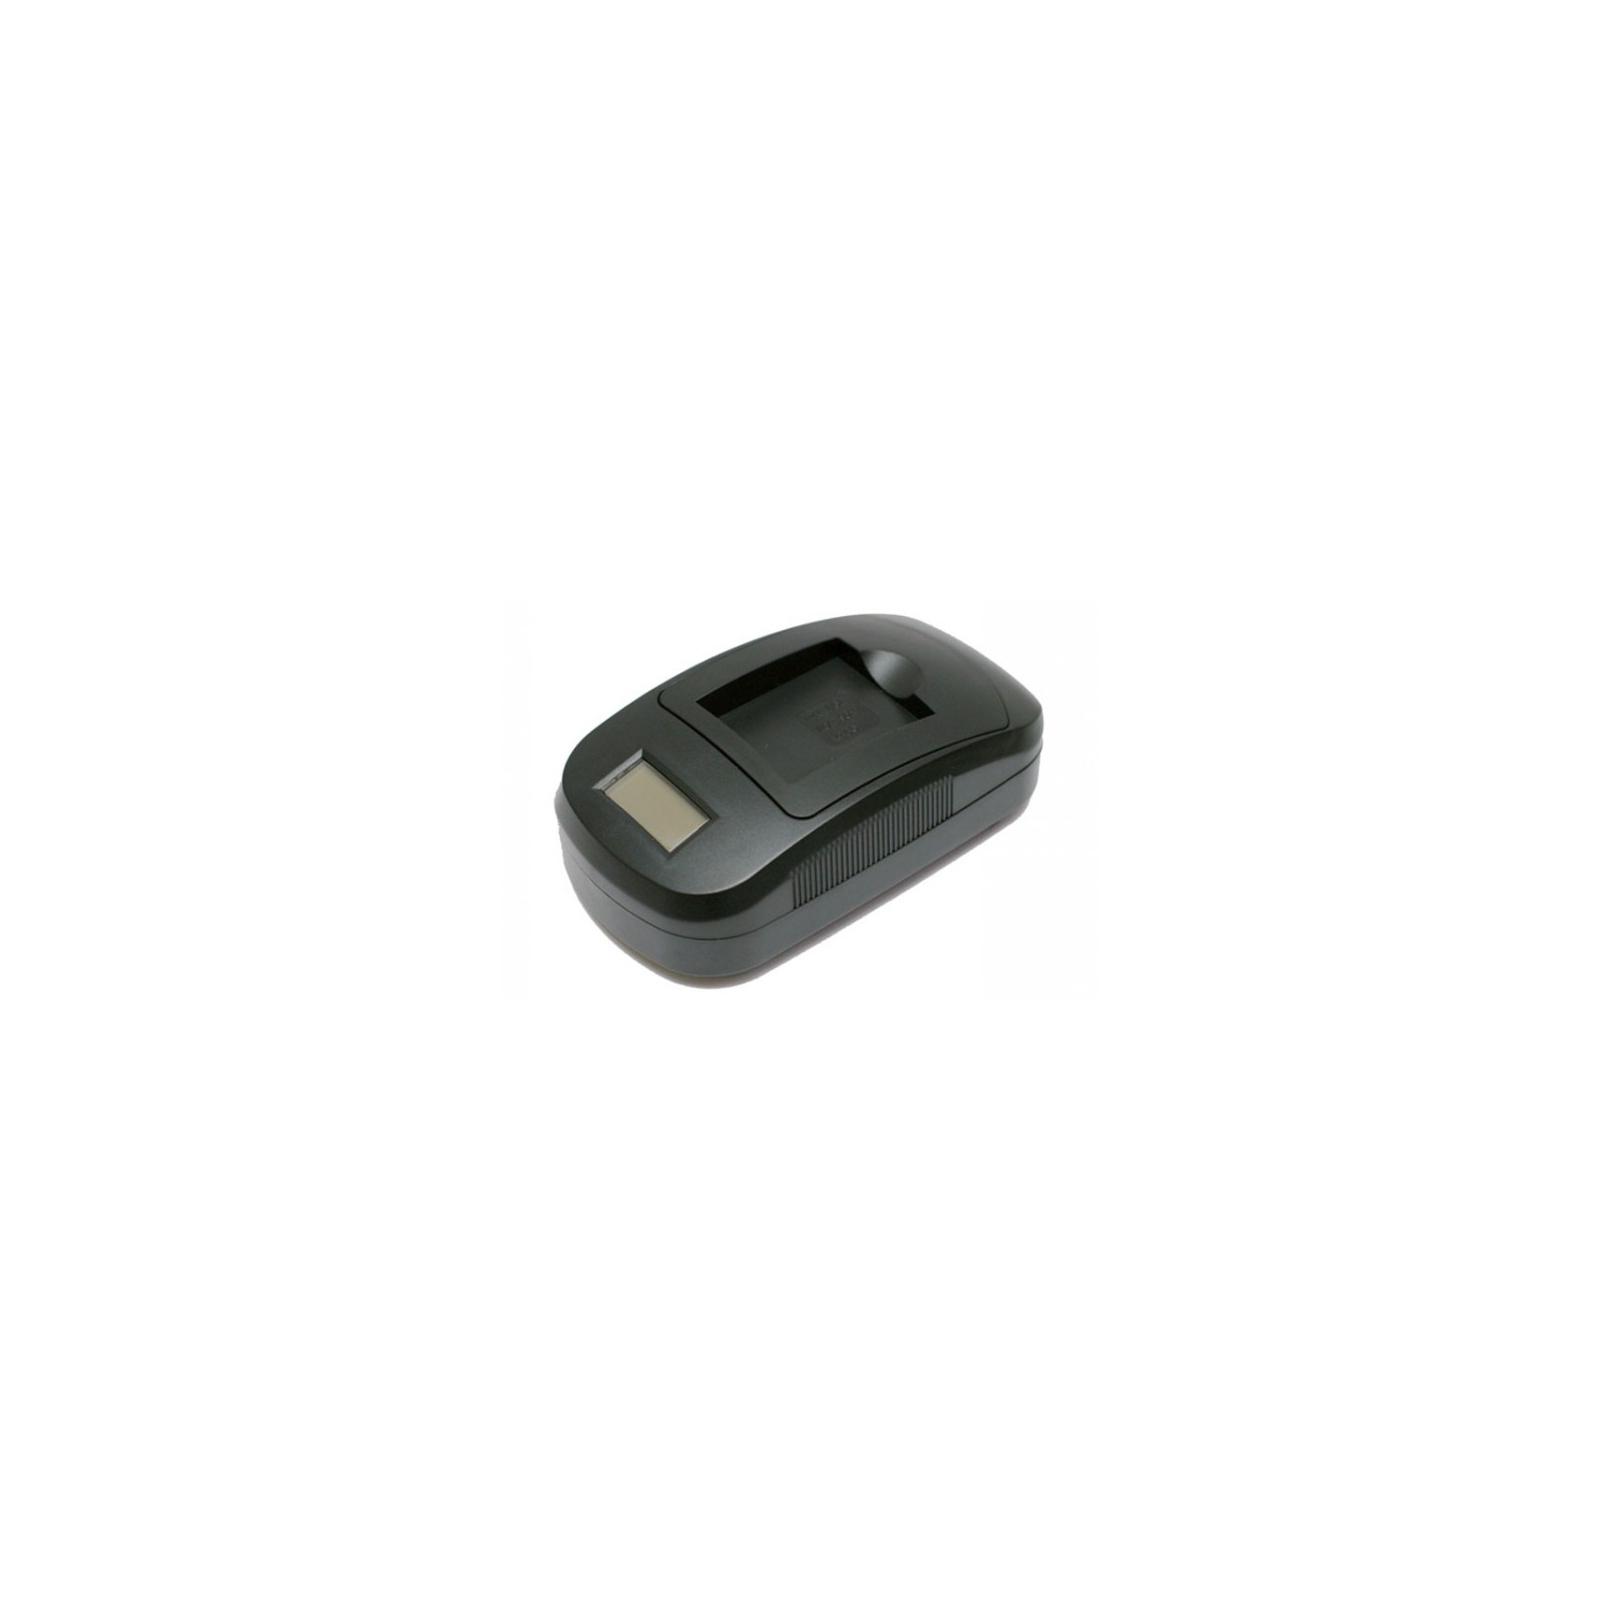 Зарядное устройство для фото EXTRADIGITAL Li-40B, Li-42B (DV0LCD2043)